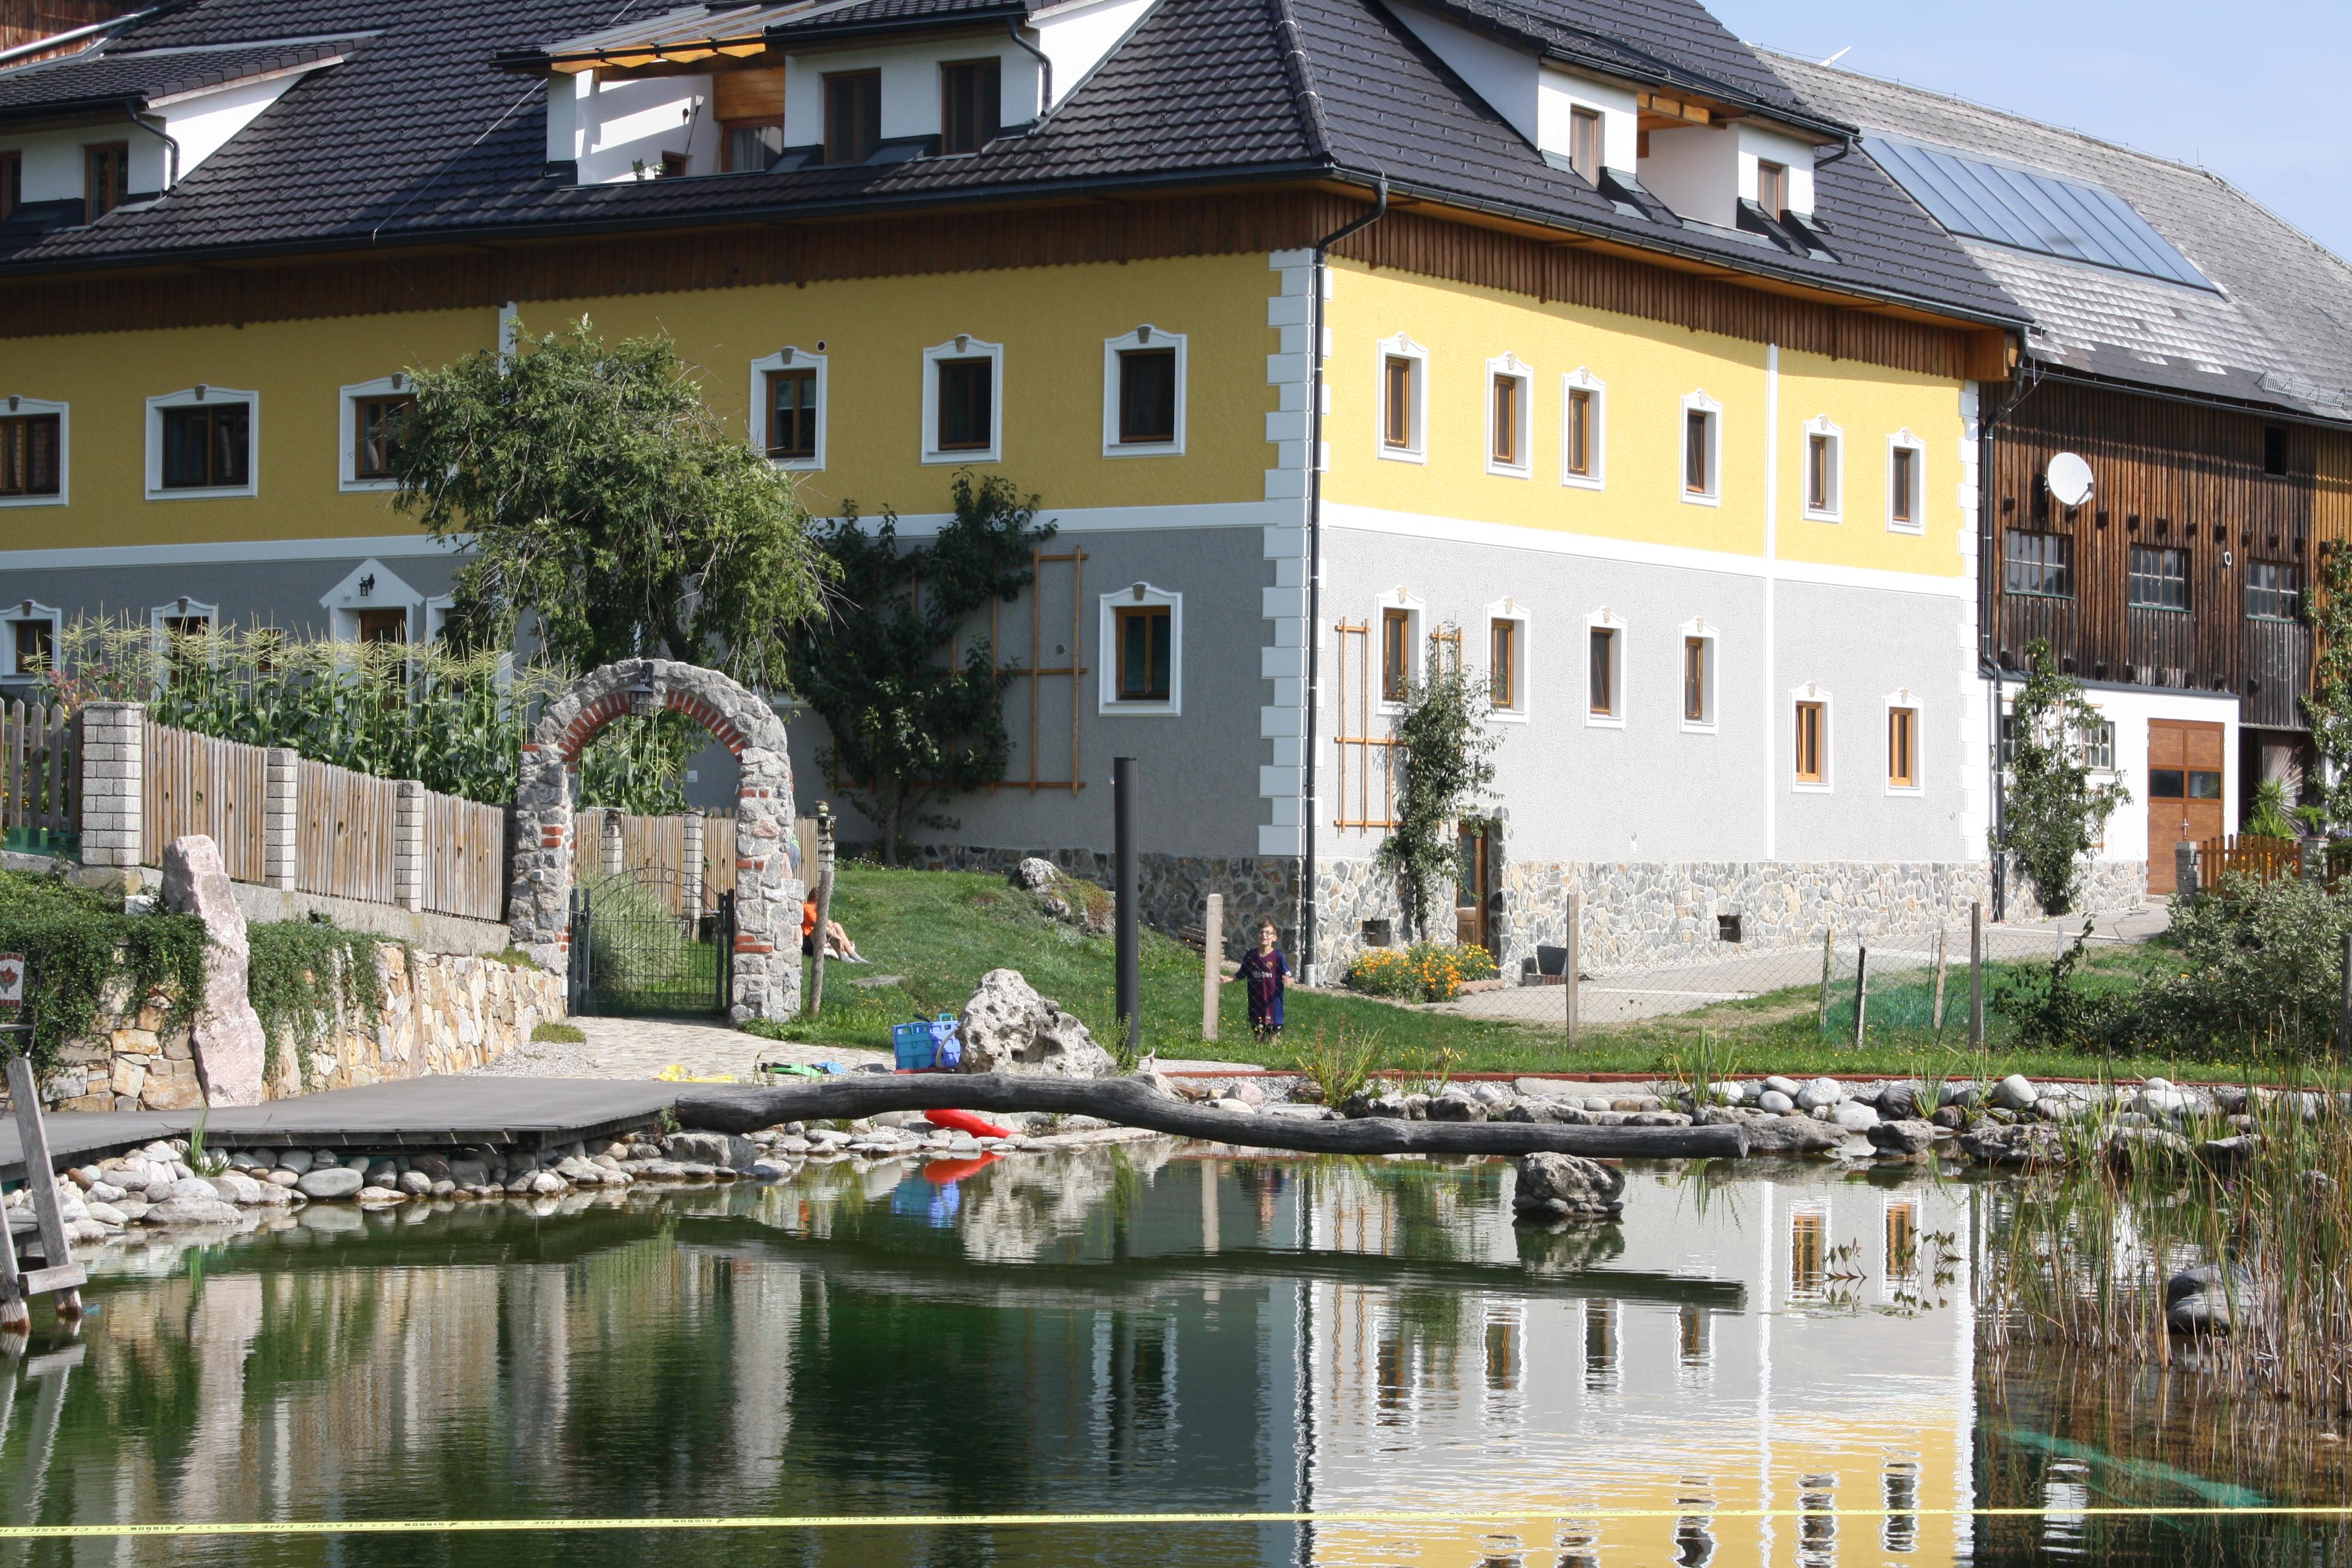 Bauernhof mit Gästezimmern und Ferienwohnungen in Oberösterreich mit besonderen Angeboten für Familien mit Kindern.